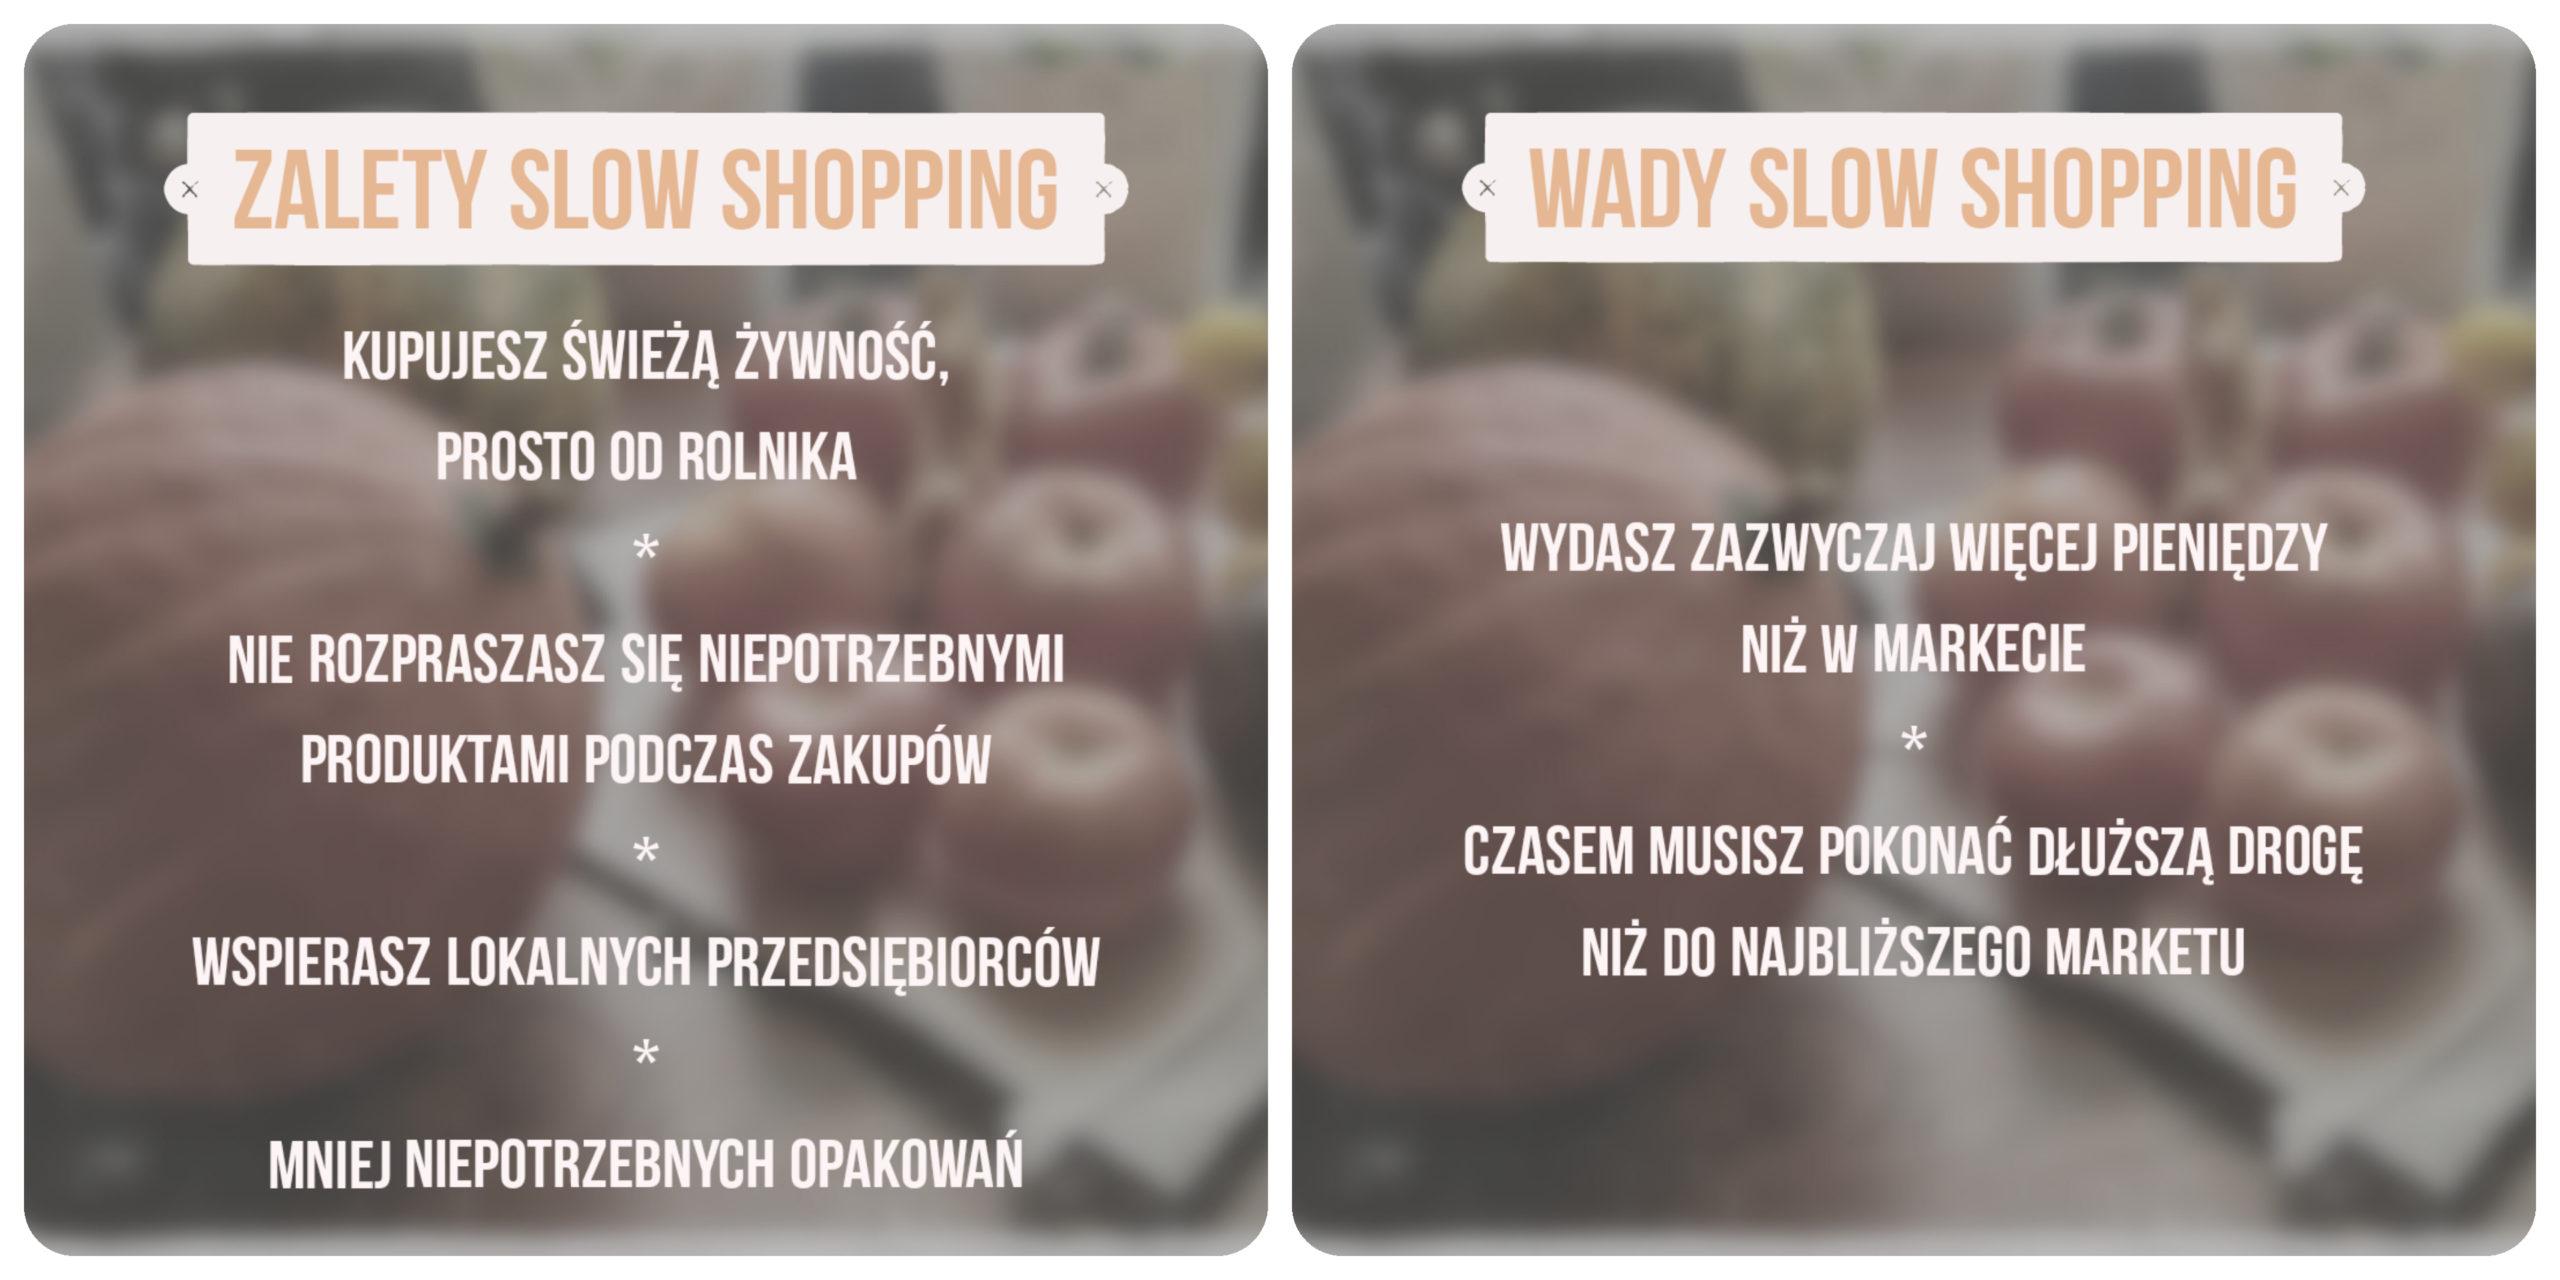 Targowiska w Krakowie - wady i zalety